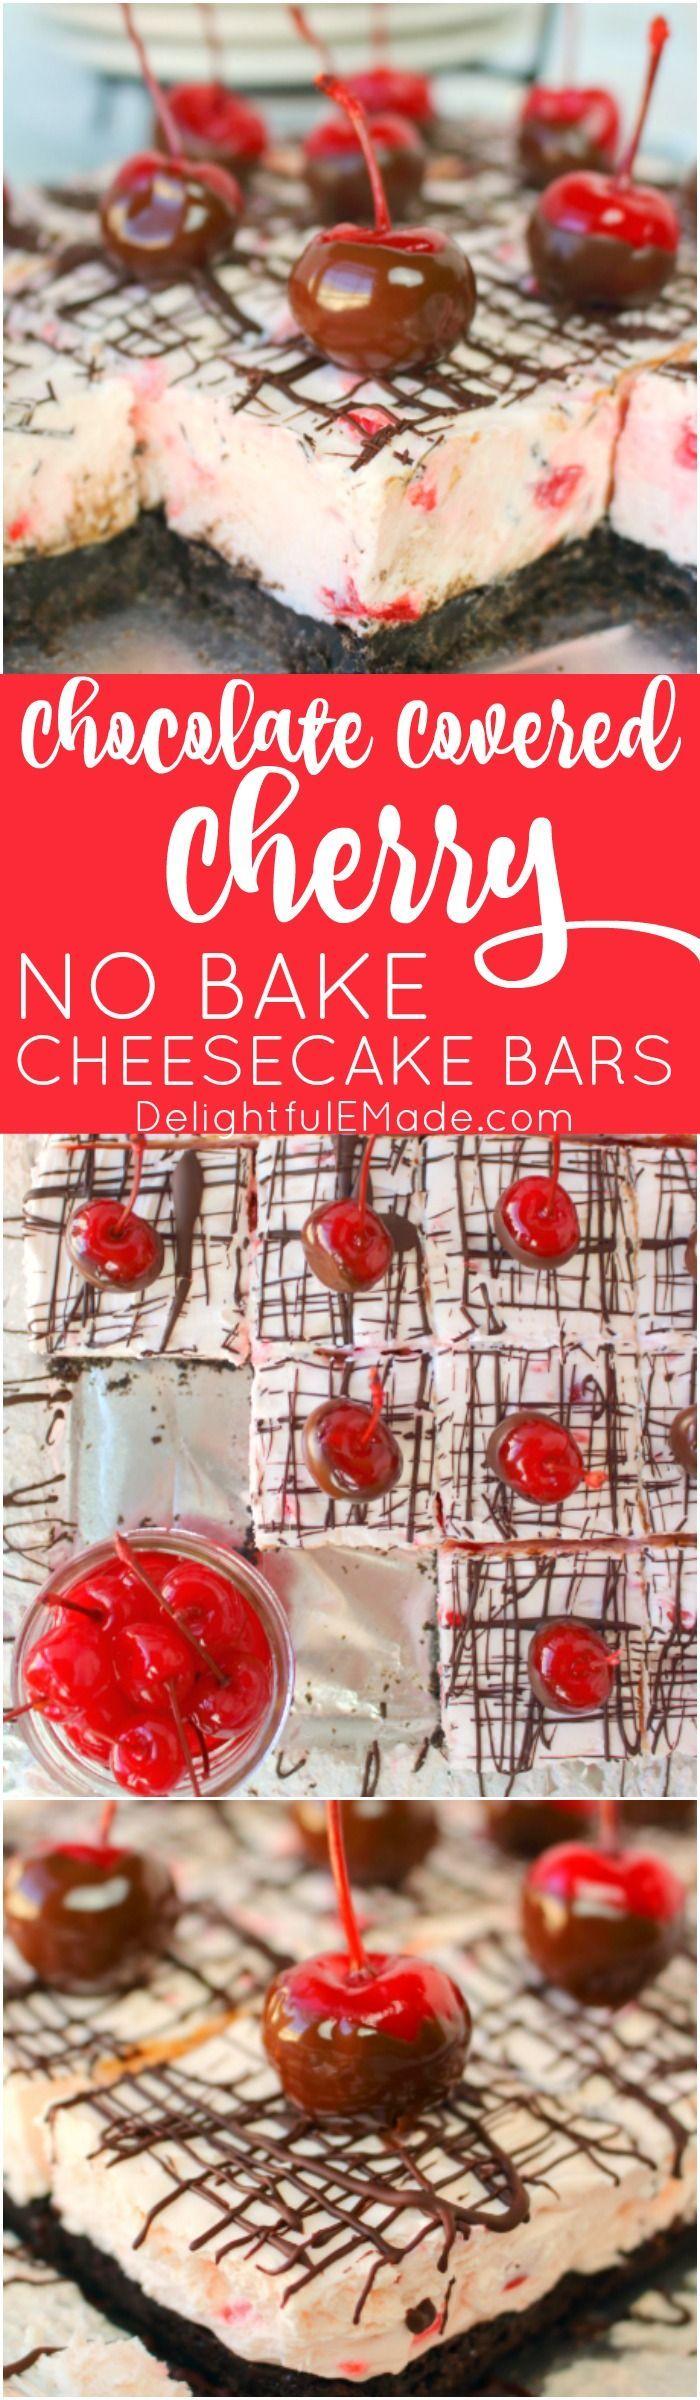 Chocolate Covered Cherry No Bake Cheesecake Bars